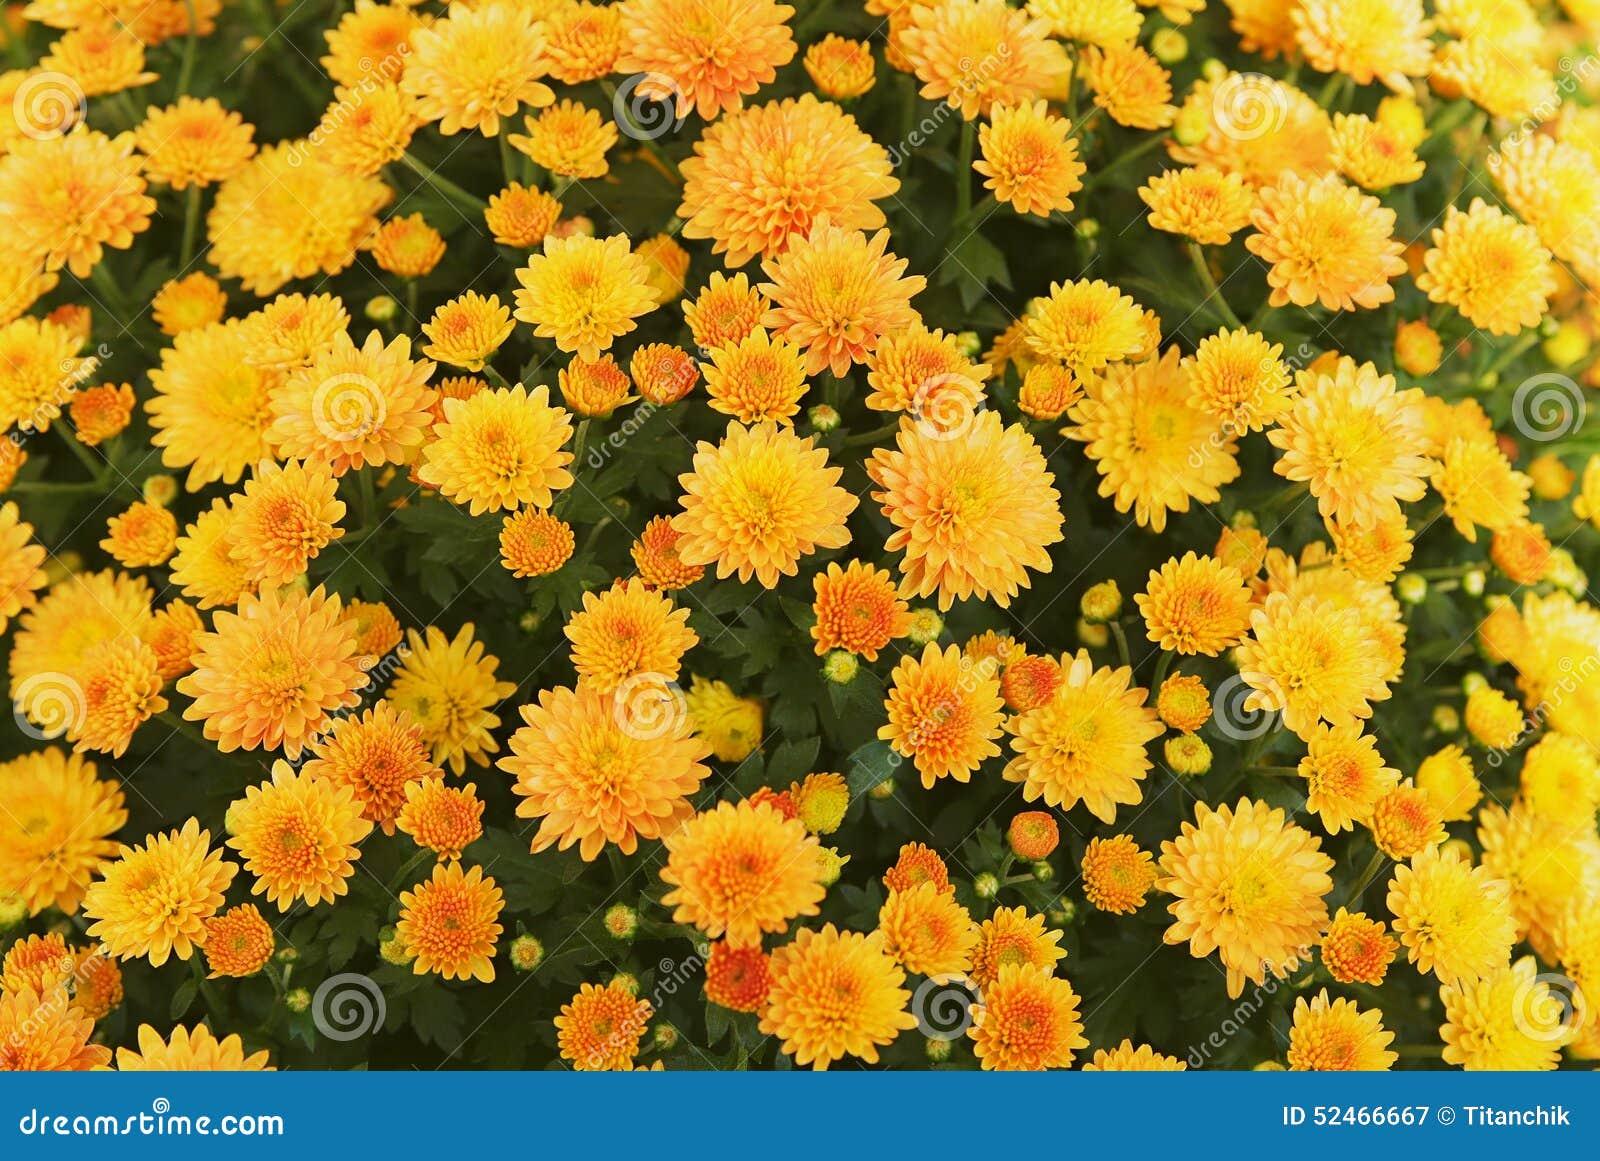 Flores en verano foto de archivo imagen 52466667 - Flores de verano ...